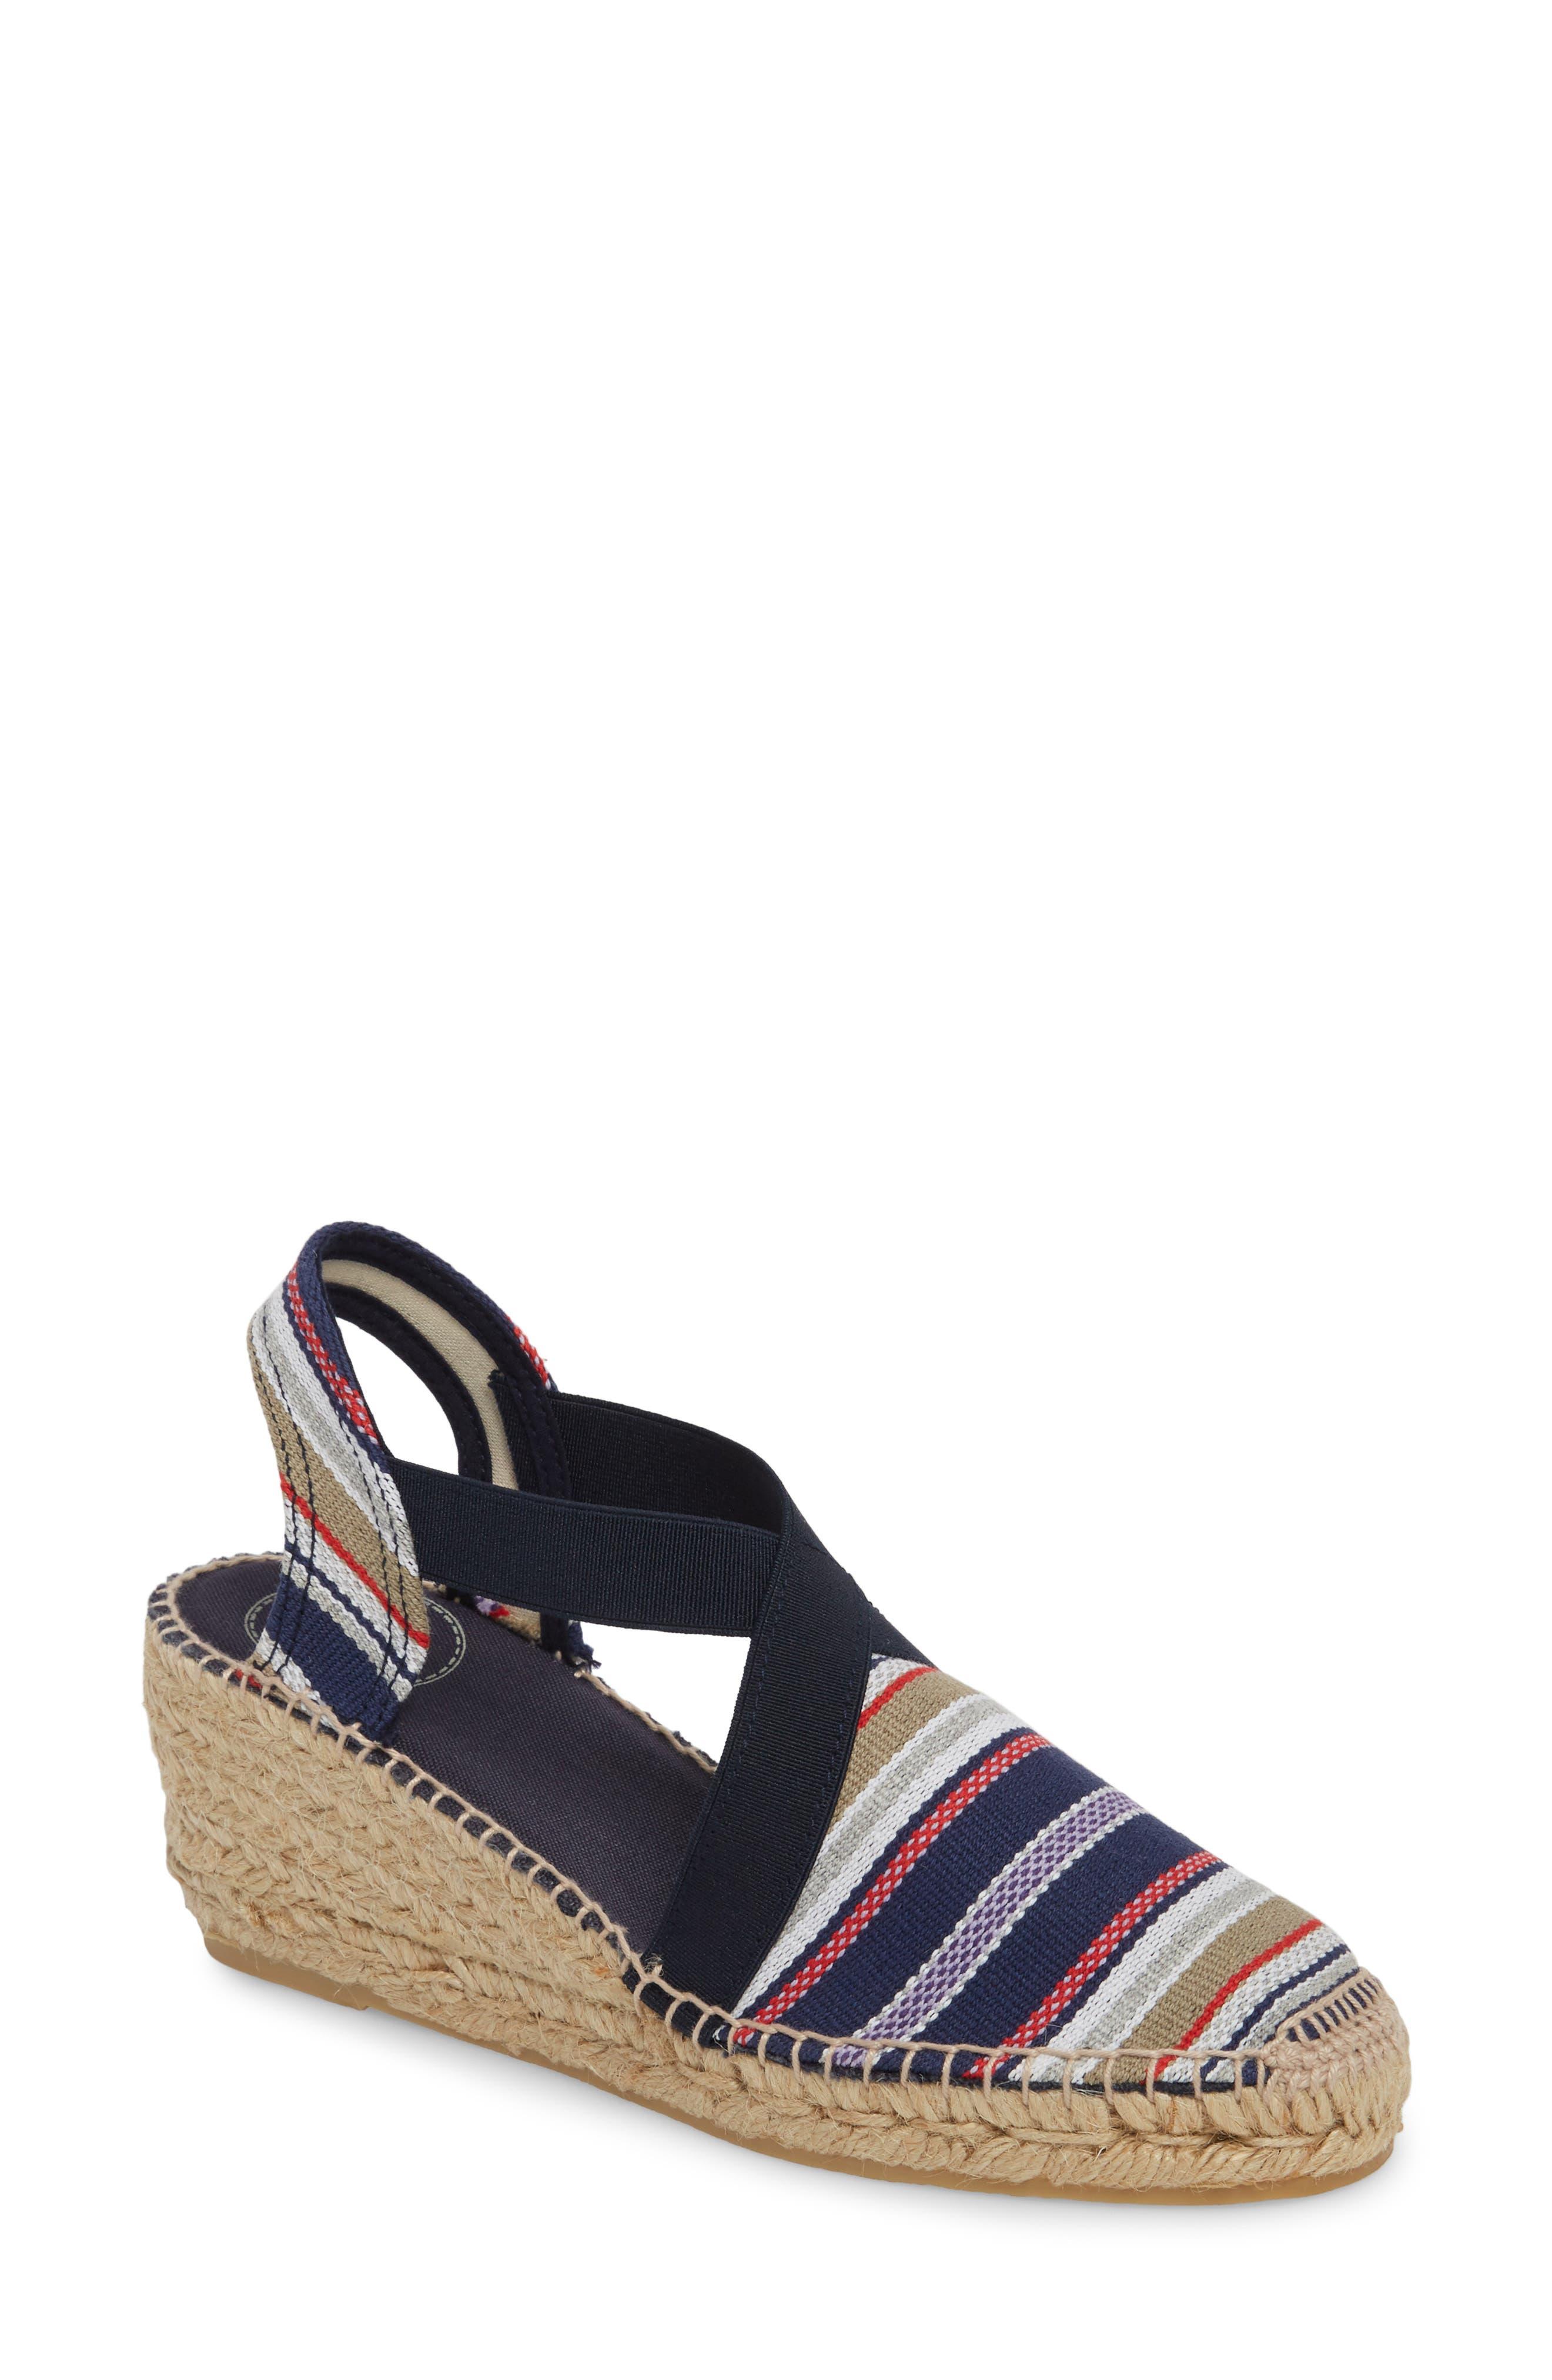 Vintage Sandals | Wedges, Espadrilles – 30s, 40s, 50s, 60s, 70s Womens Toni Pons Tarbes Espadrille Wedge Sandal Size 11US  42EU - Blue $118.95 AT vintagedancer.com